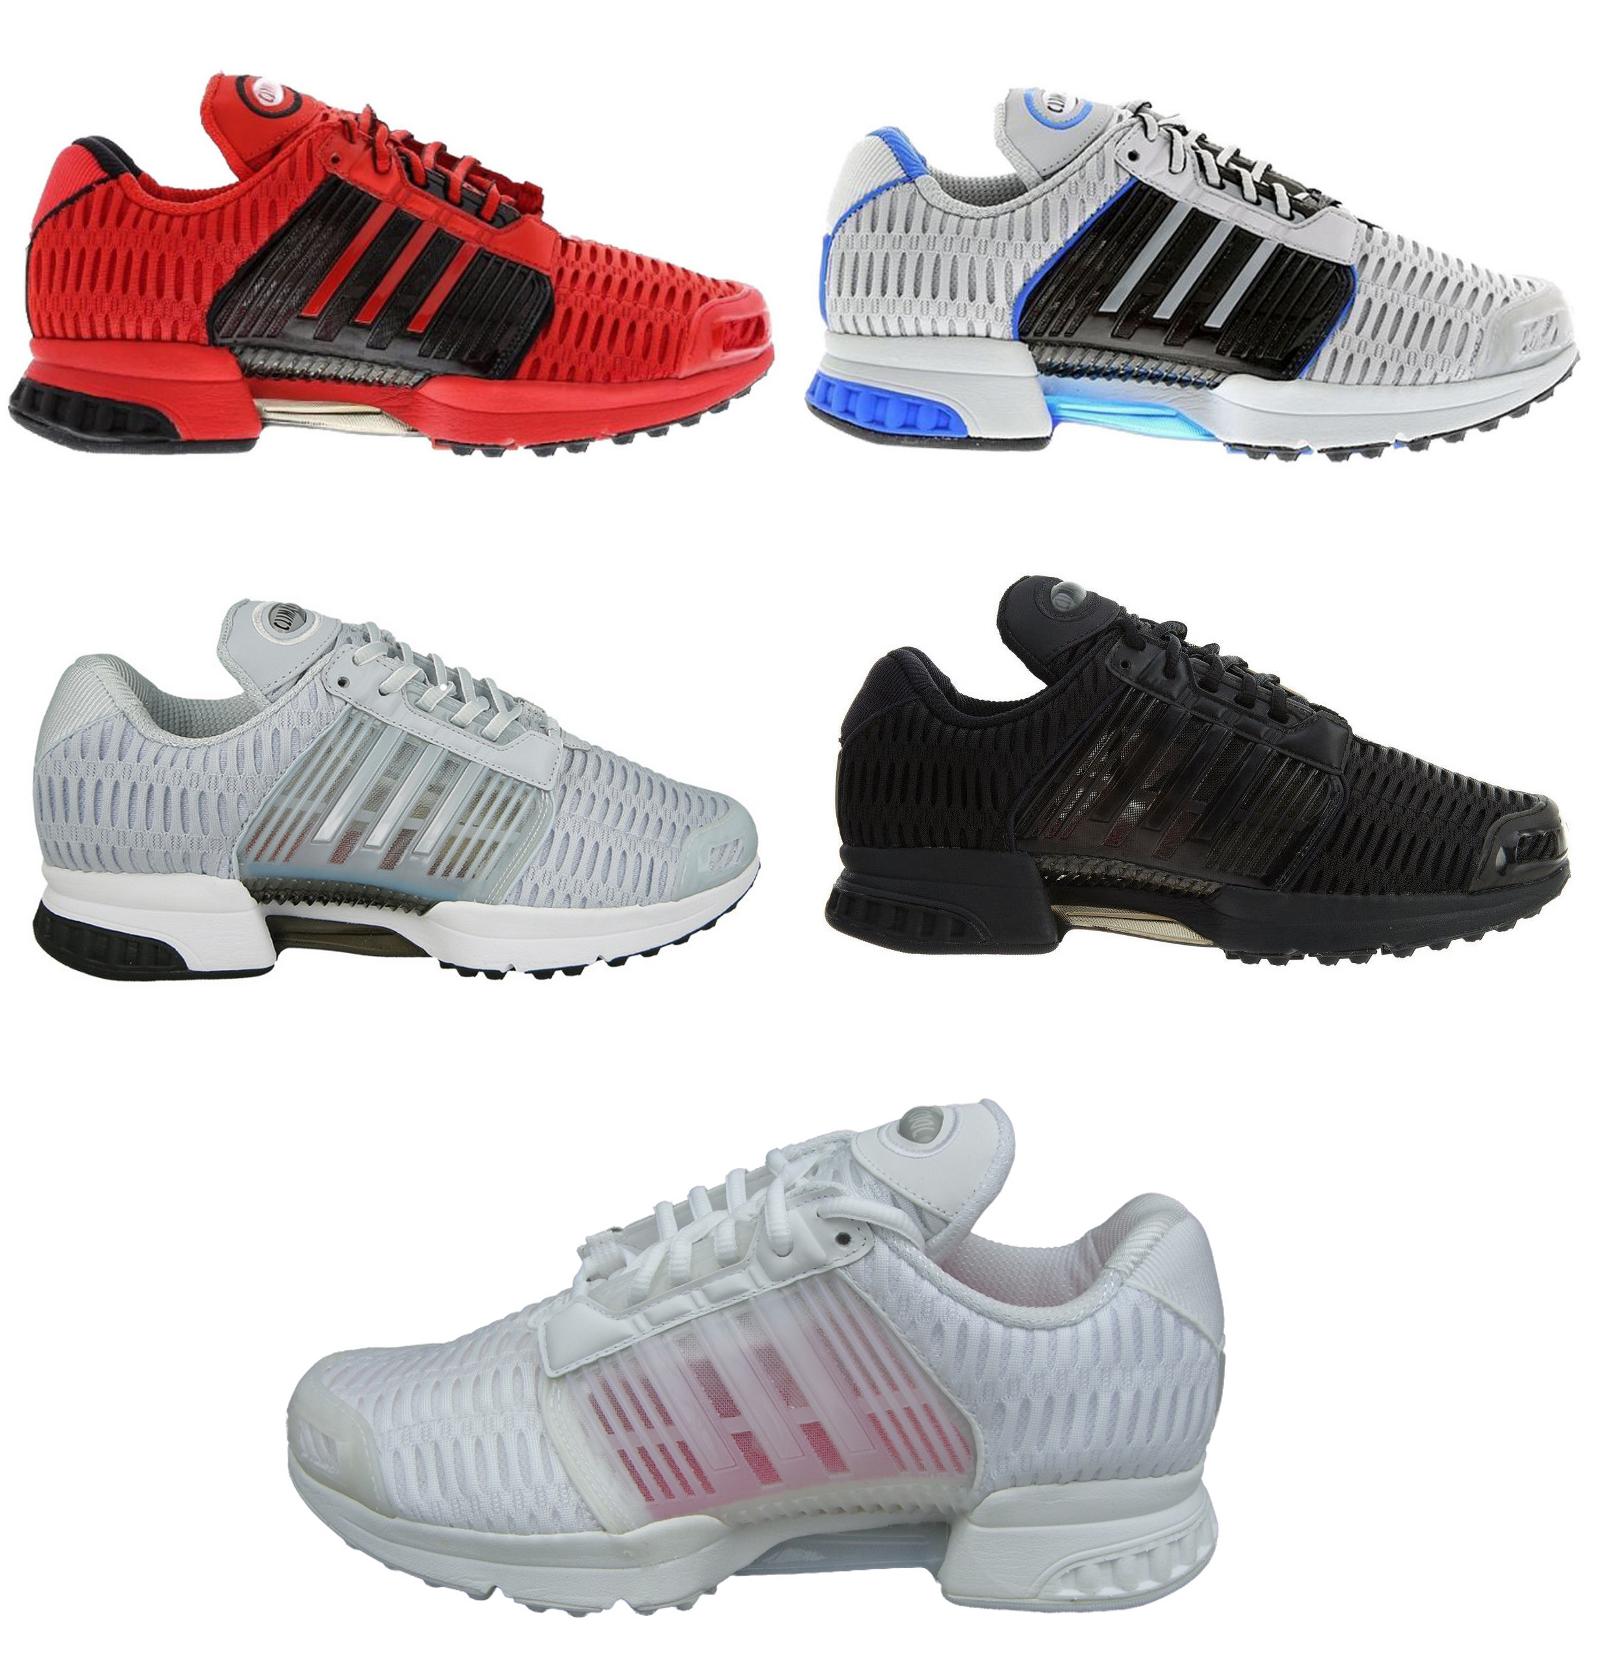 Details about Adidas Originals Climacool 1 Herren Schuhe Laufschuhe Sneaker Sportschuhe